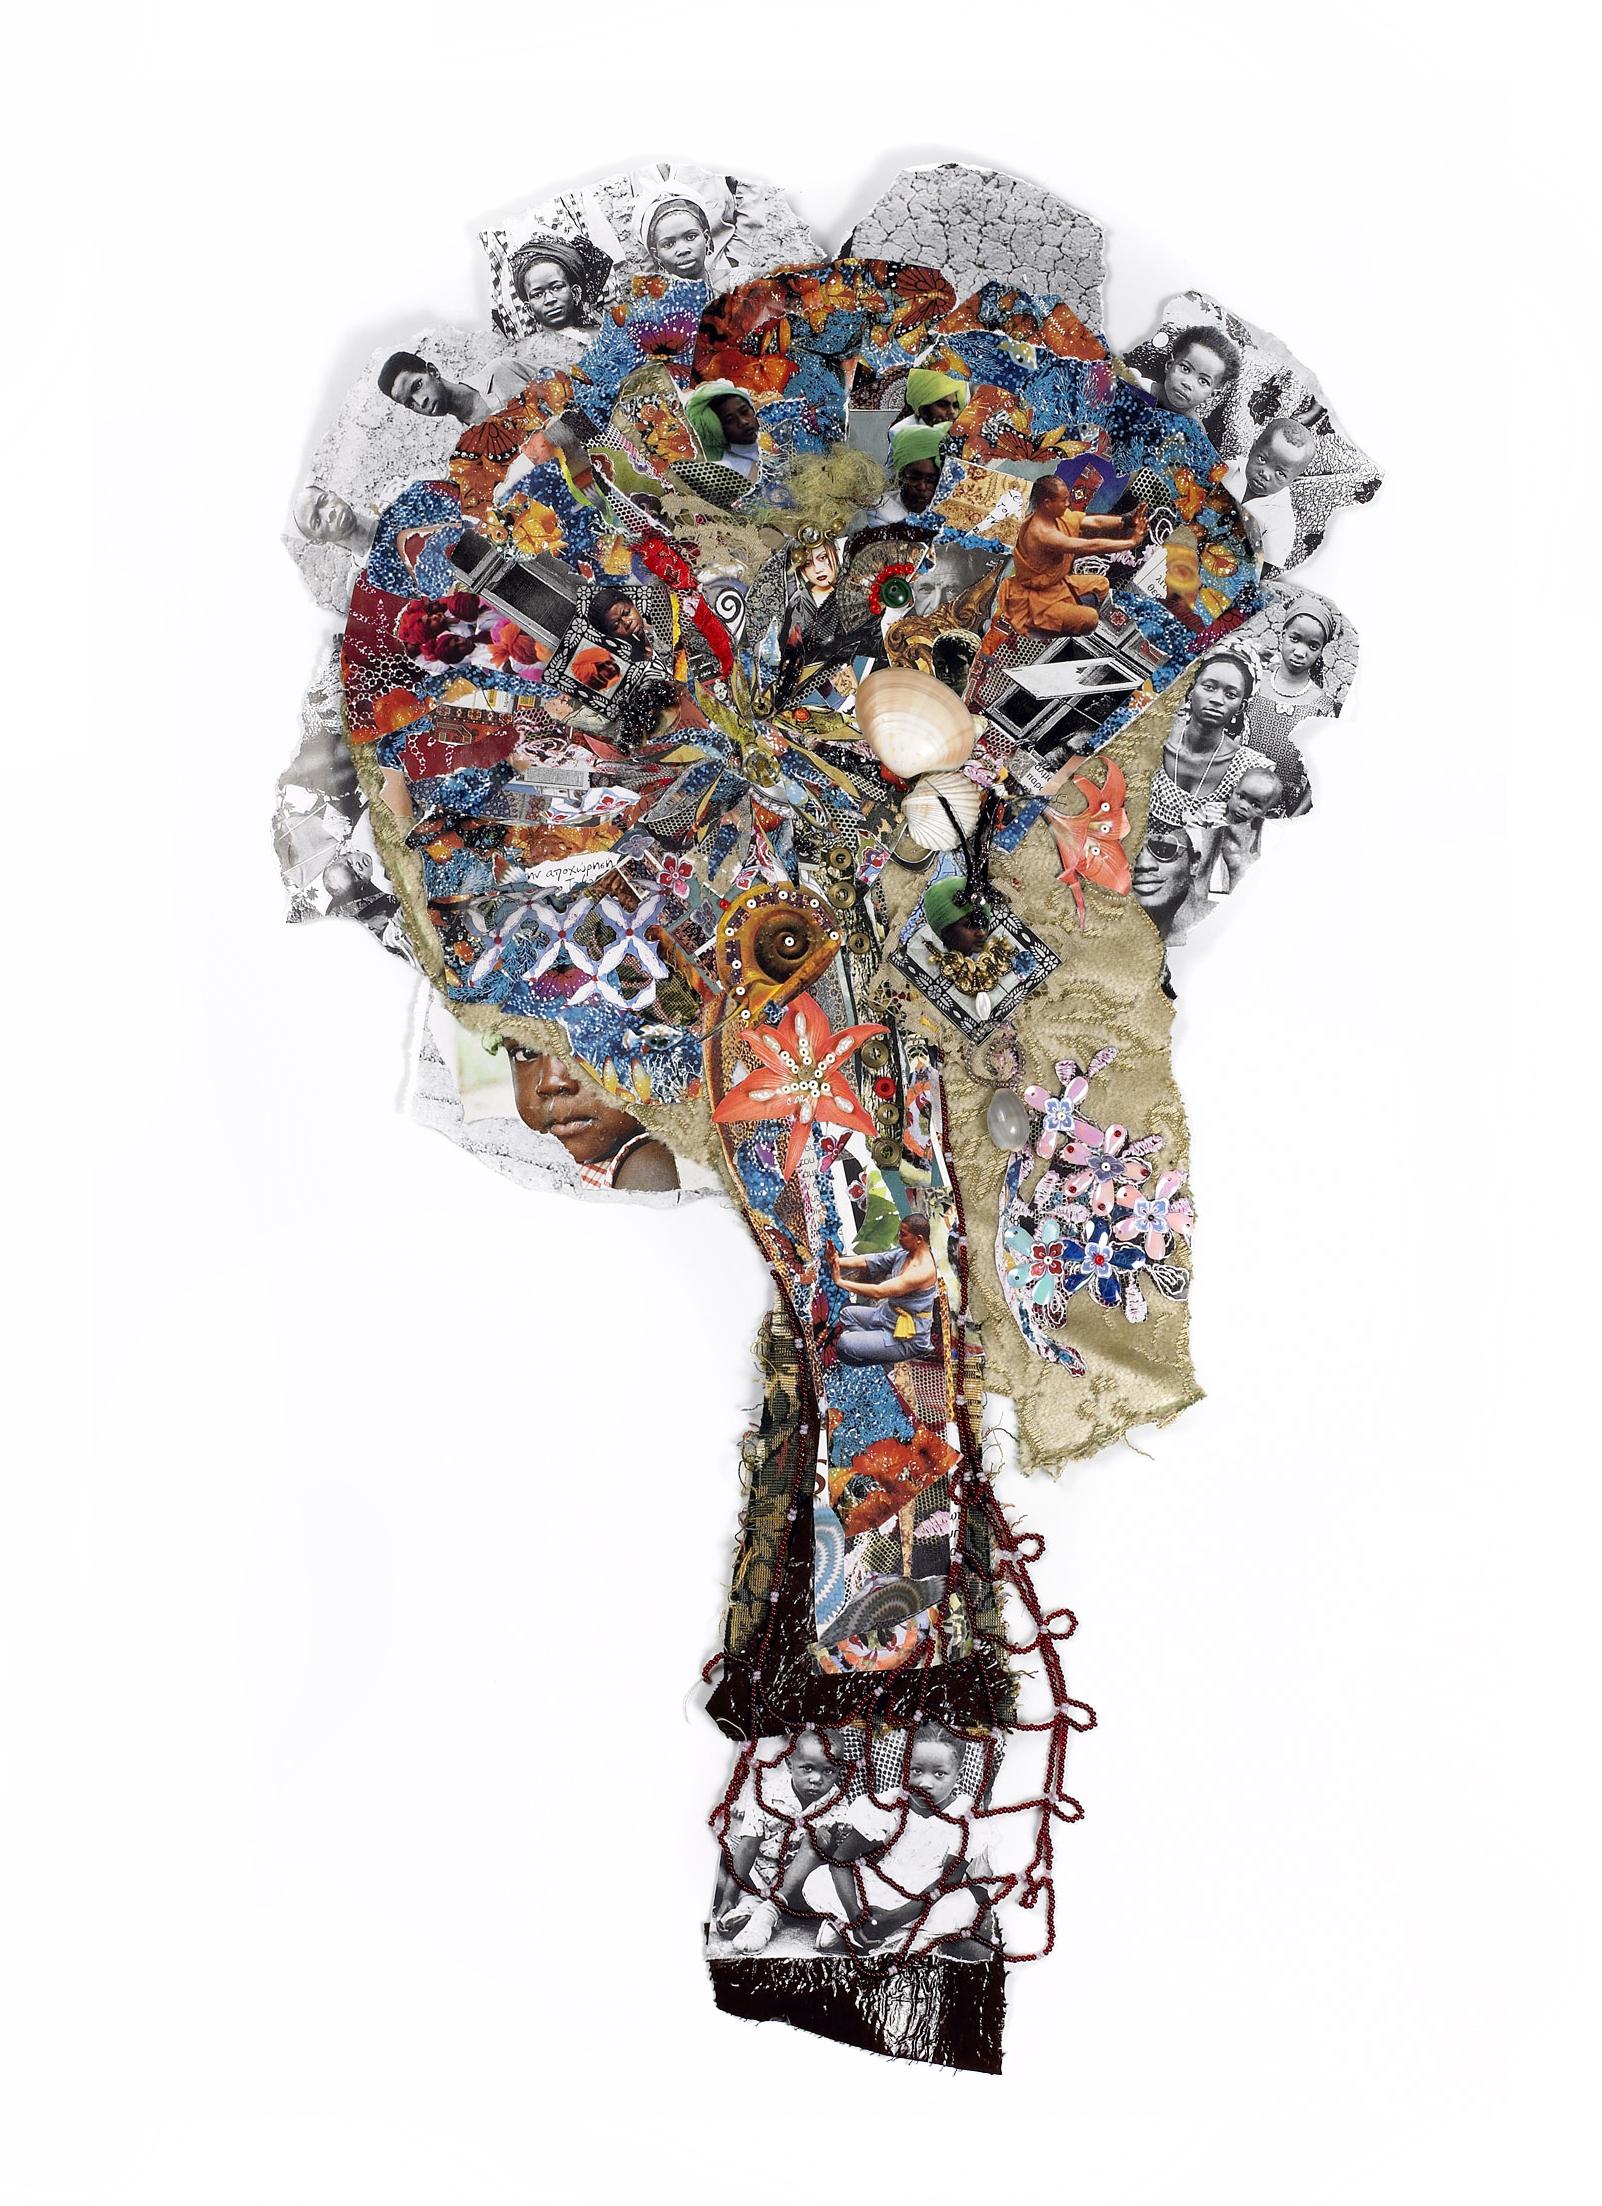 'The Multi Culti Tree'